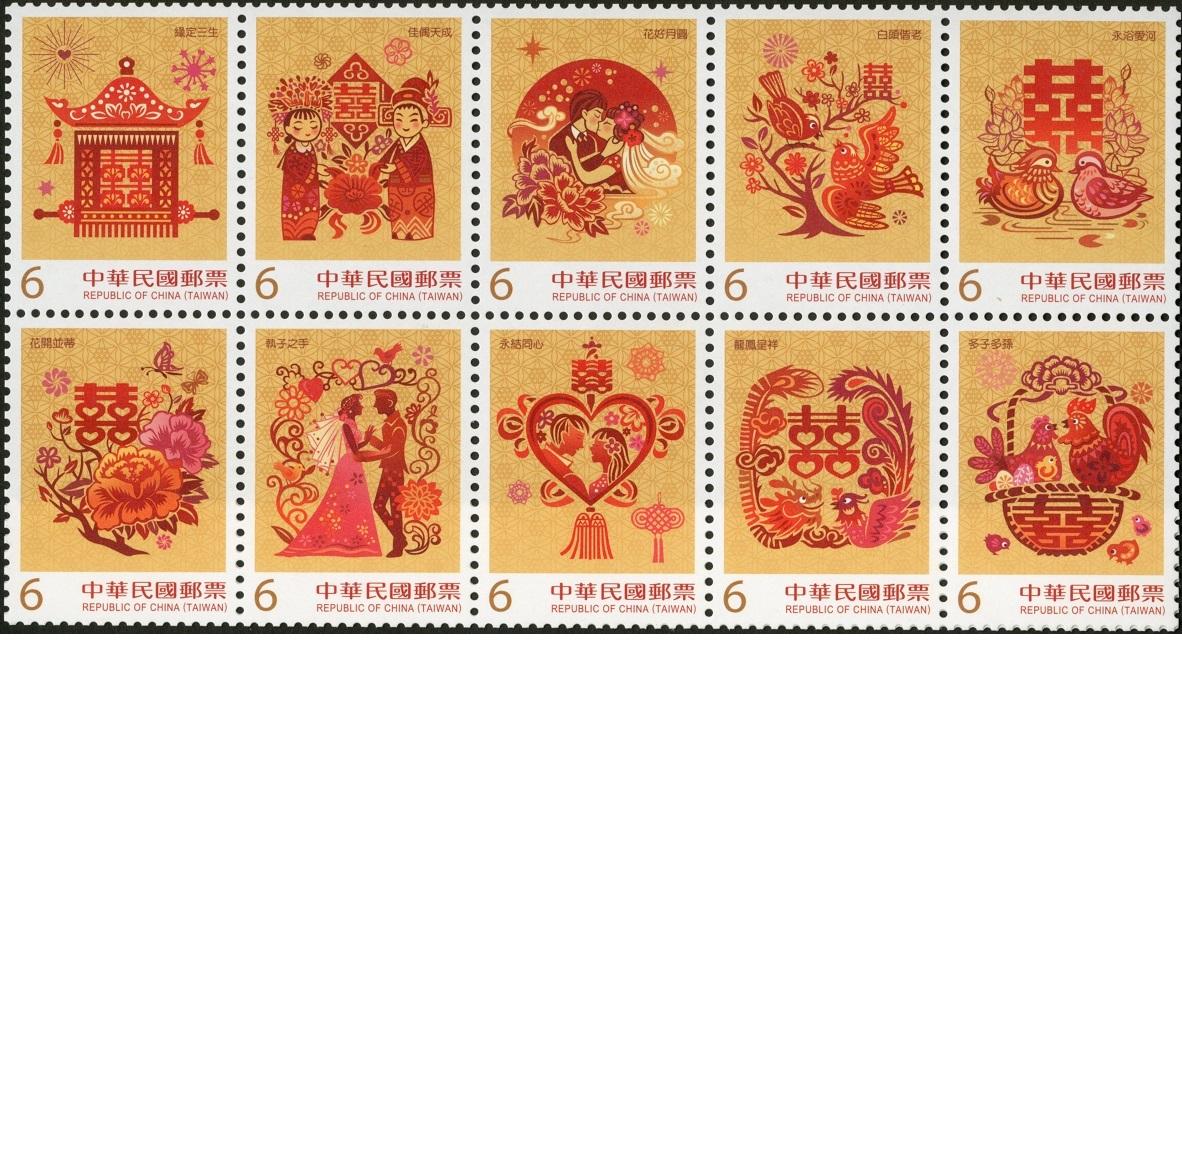 祝福郵票(續2)6元10張連刷